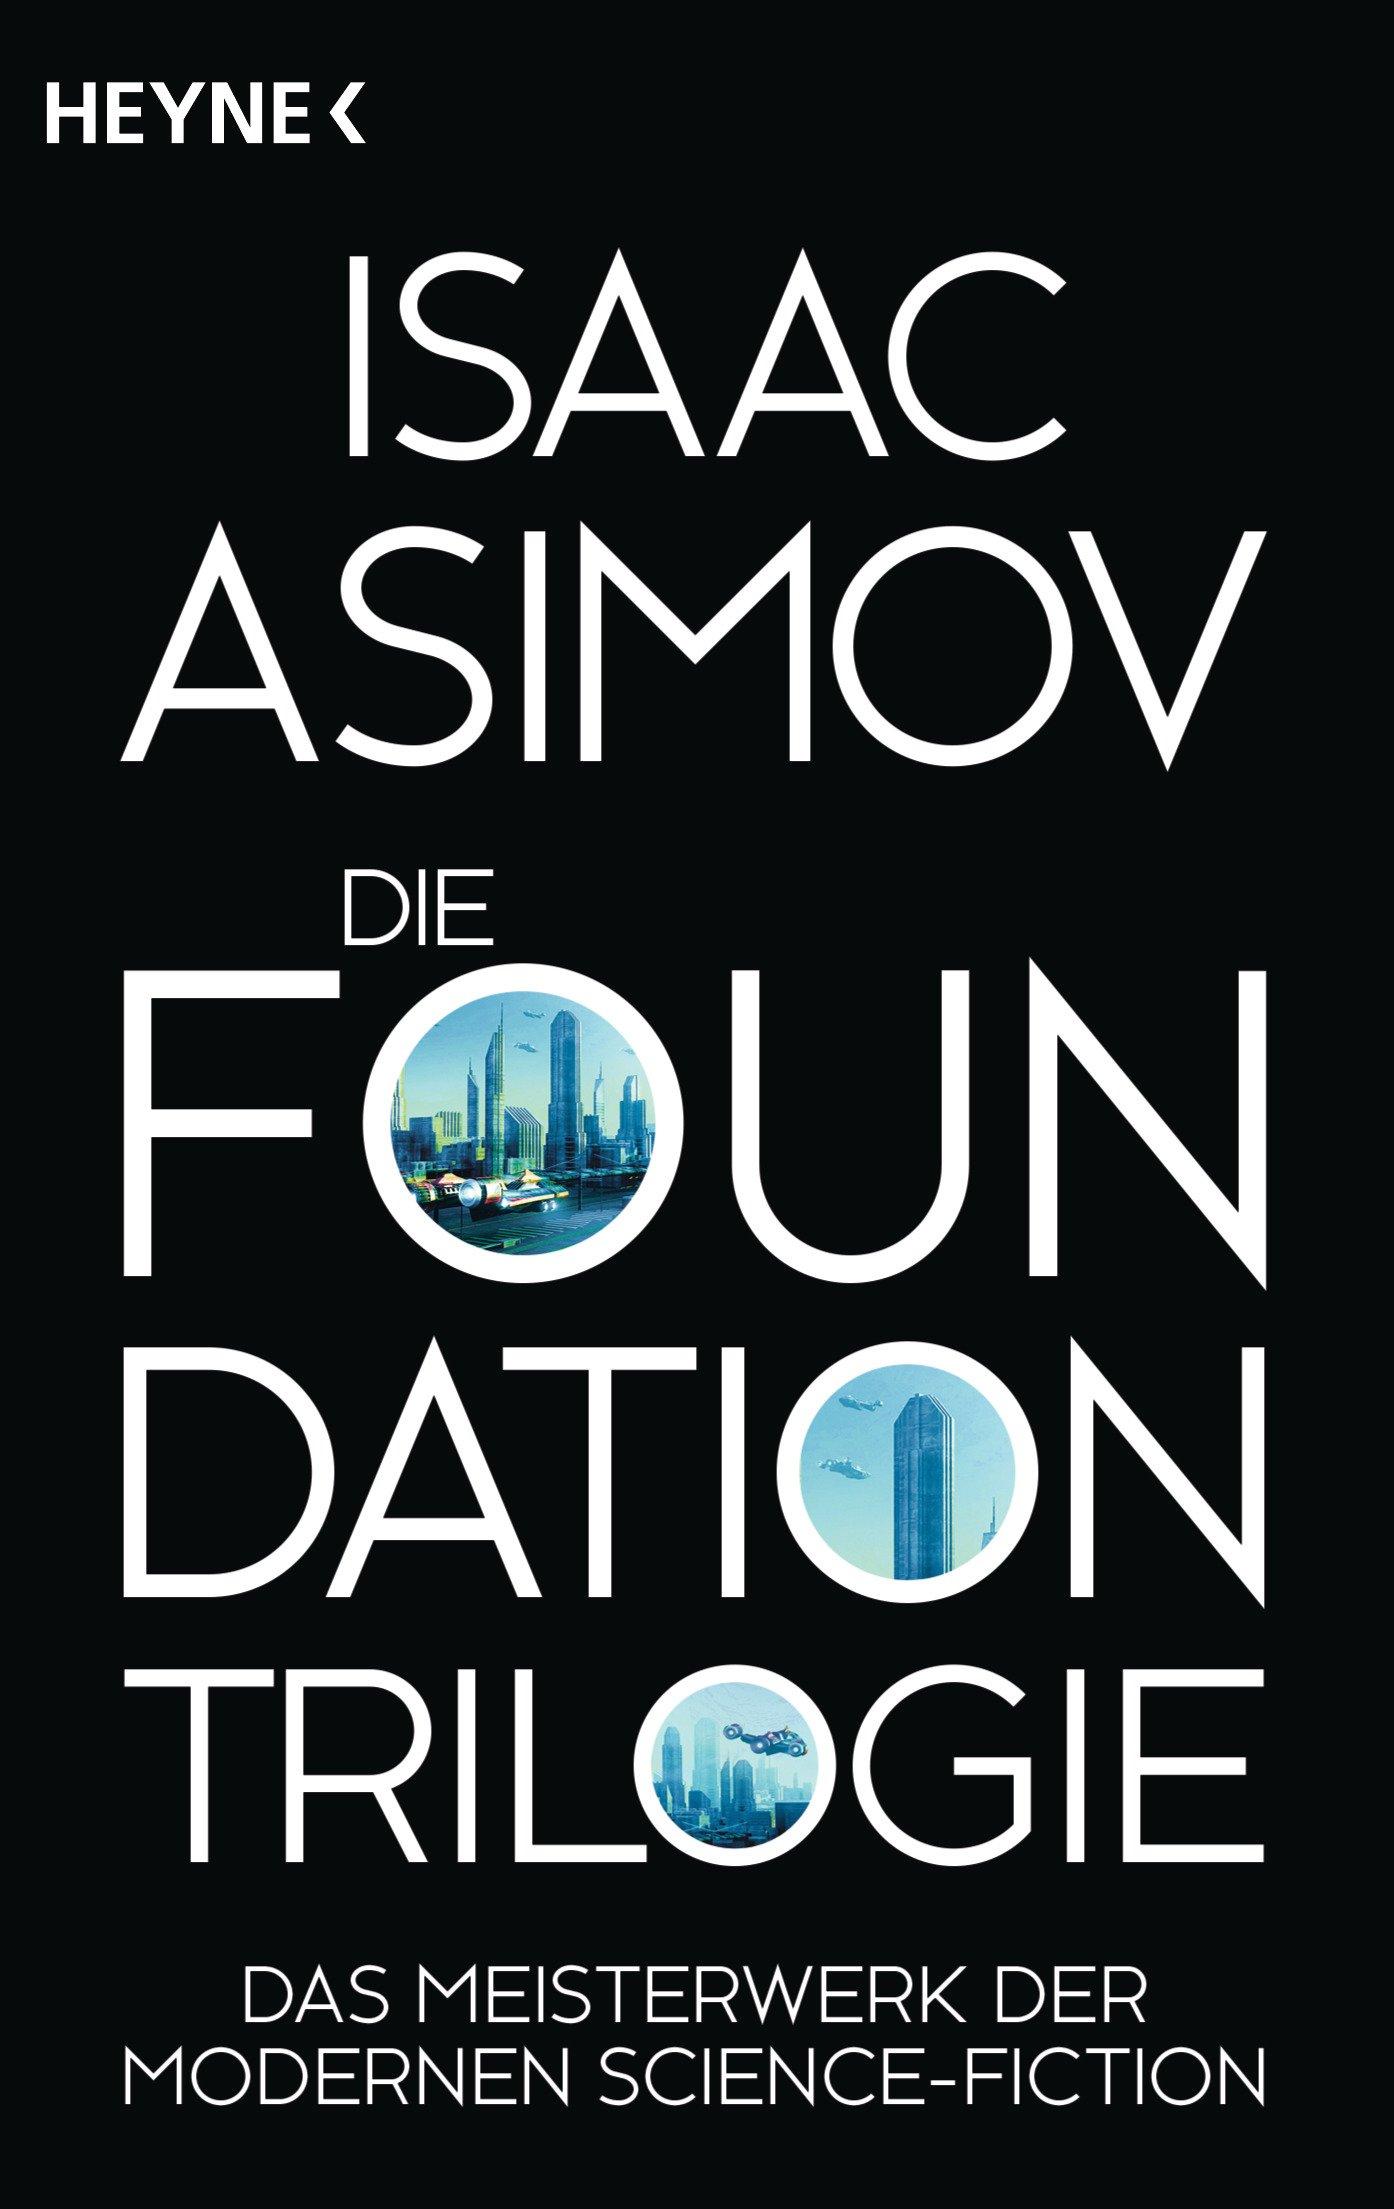 Die Foundation-Trilogie: Foundation / Foundation und Imperium / Zweite Foundation (Roboter und Foundation – der Zyklus, Band 11) Taschenbuch – 14. August 2017 Isaac Asimov Rosemarie Hundertmarck Heyne Verlag 3453318676